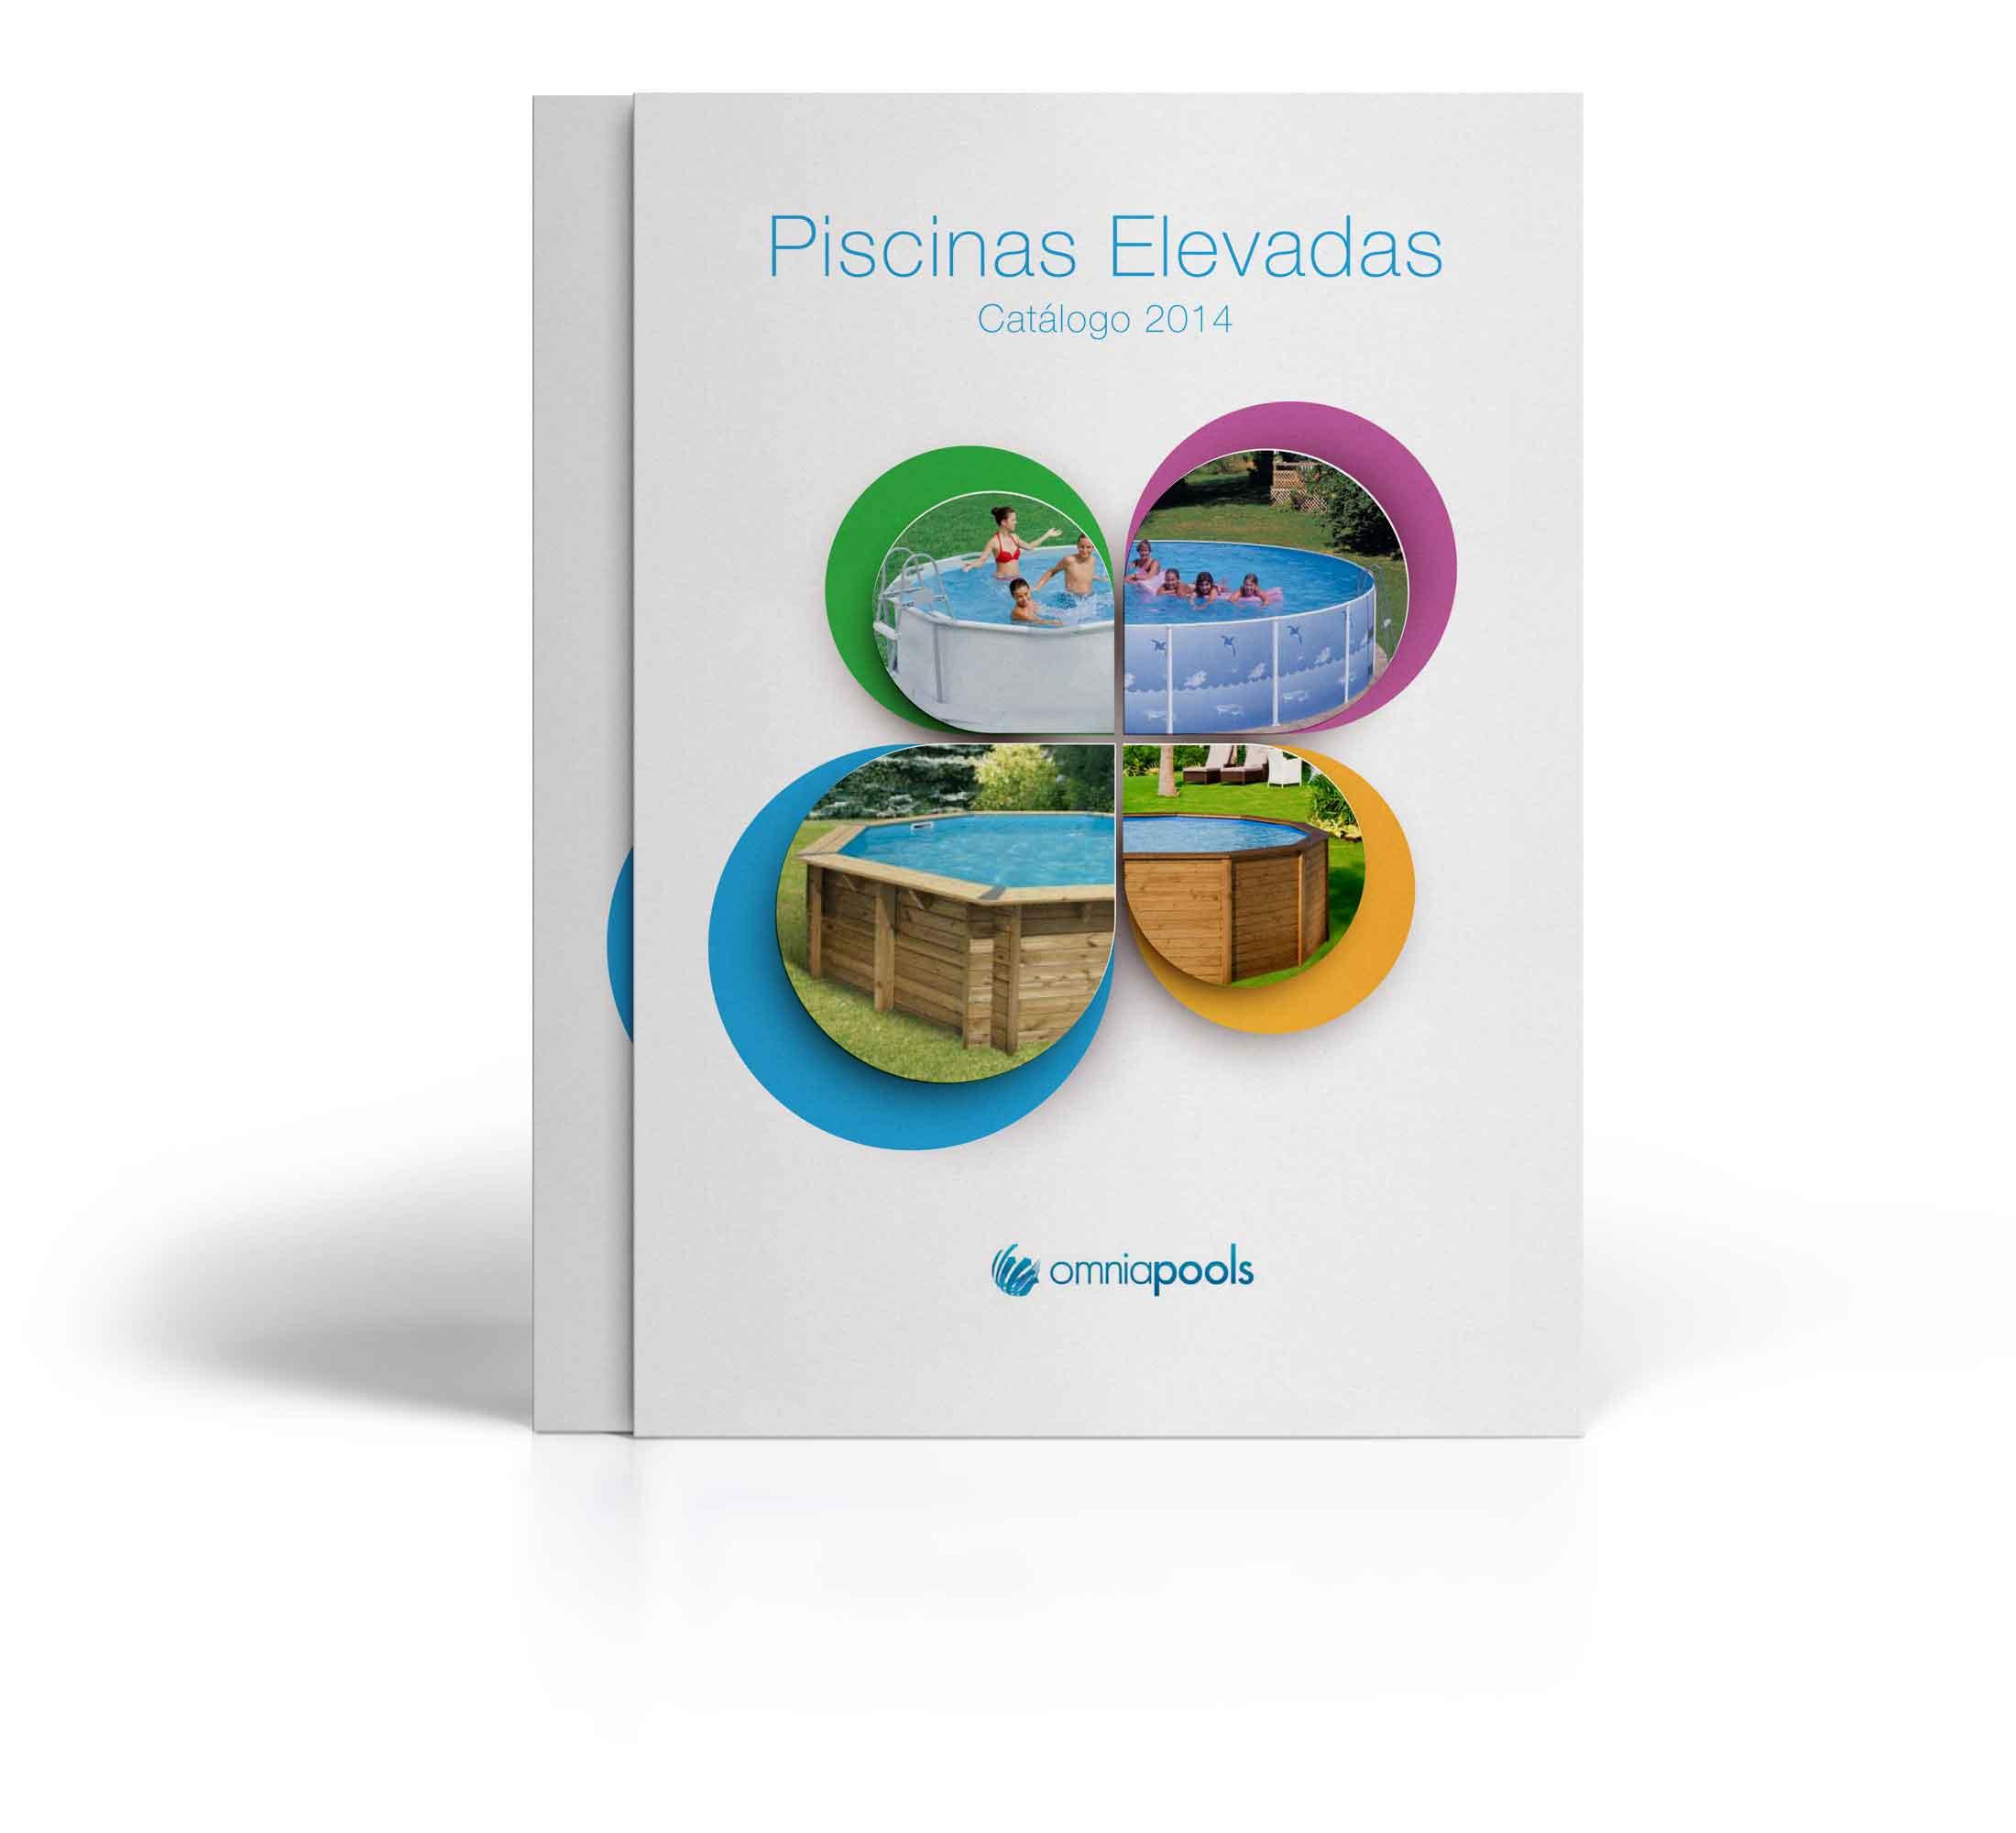 Catálogo de Piscinas Elevadas